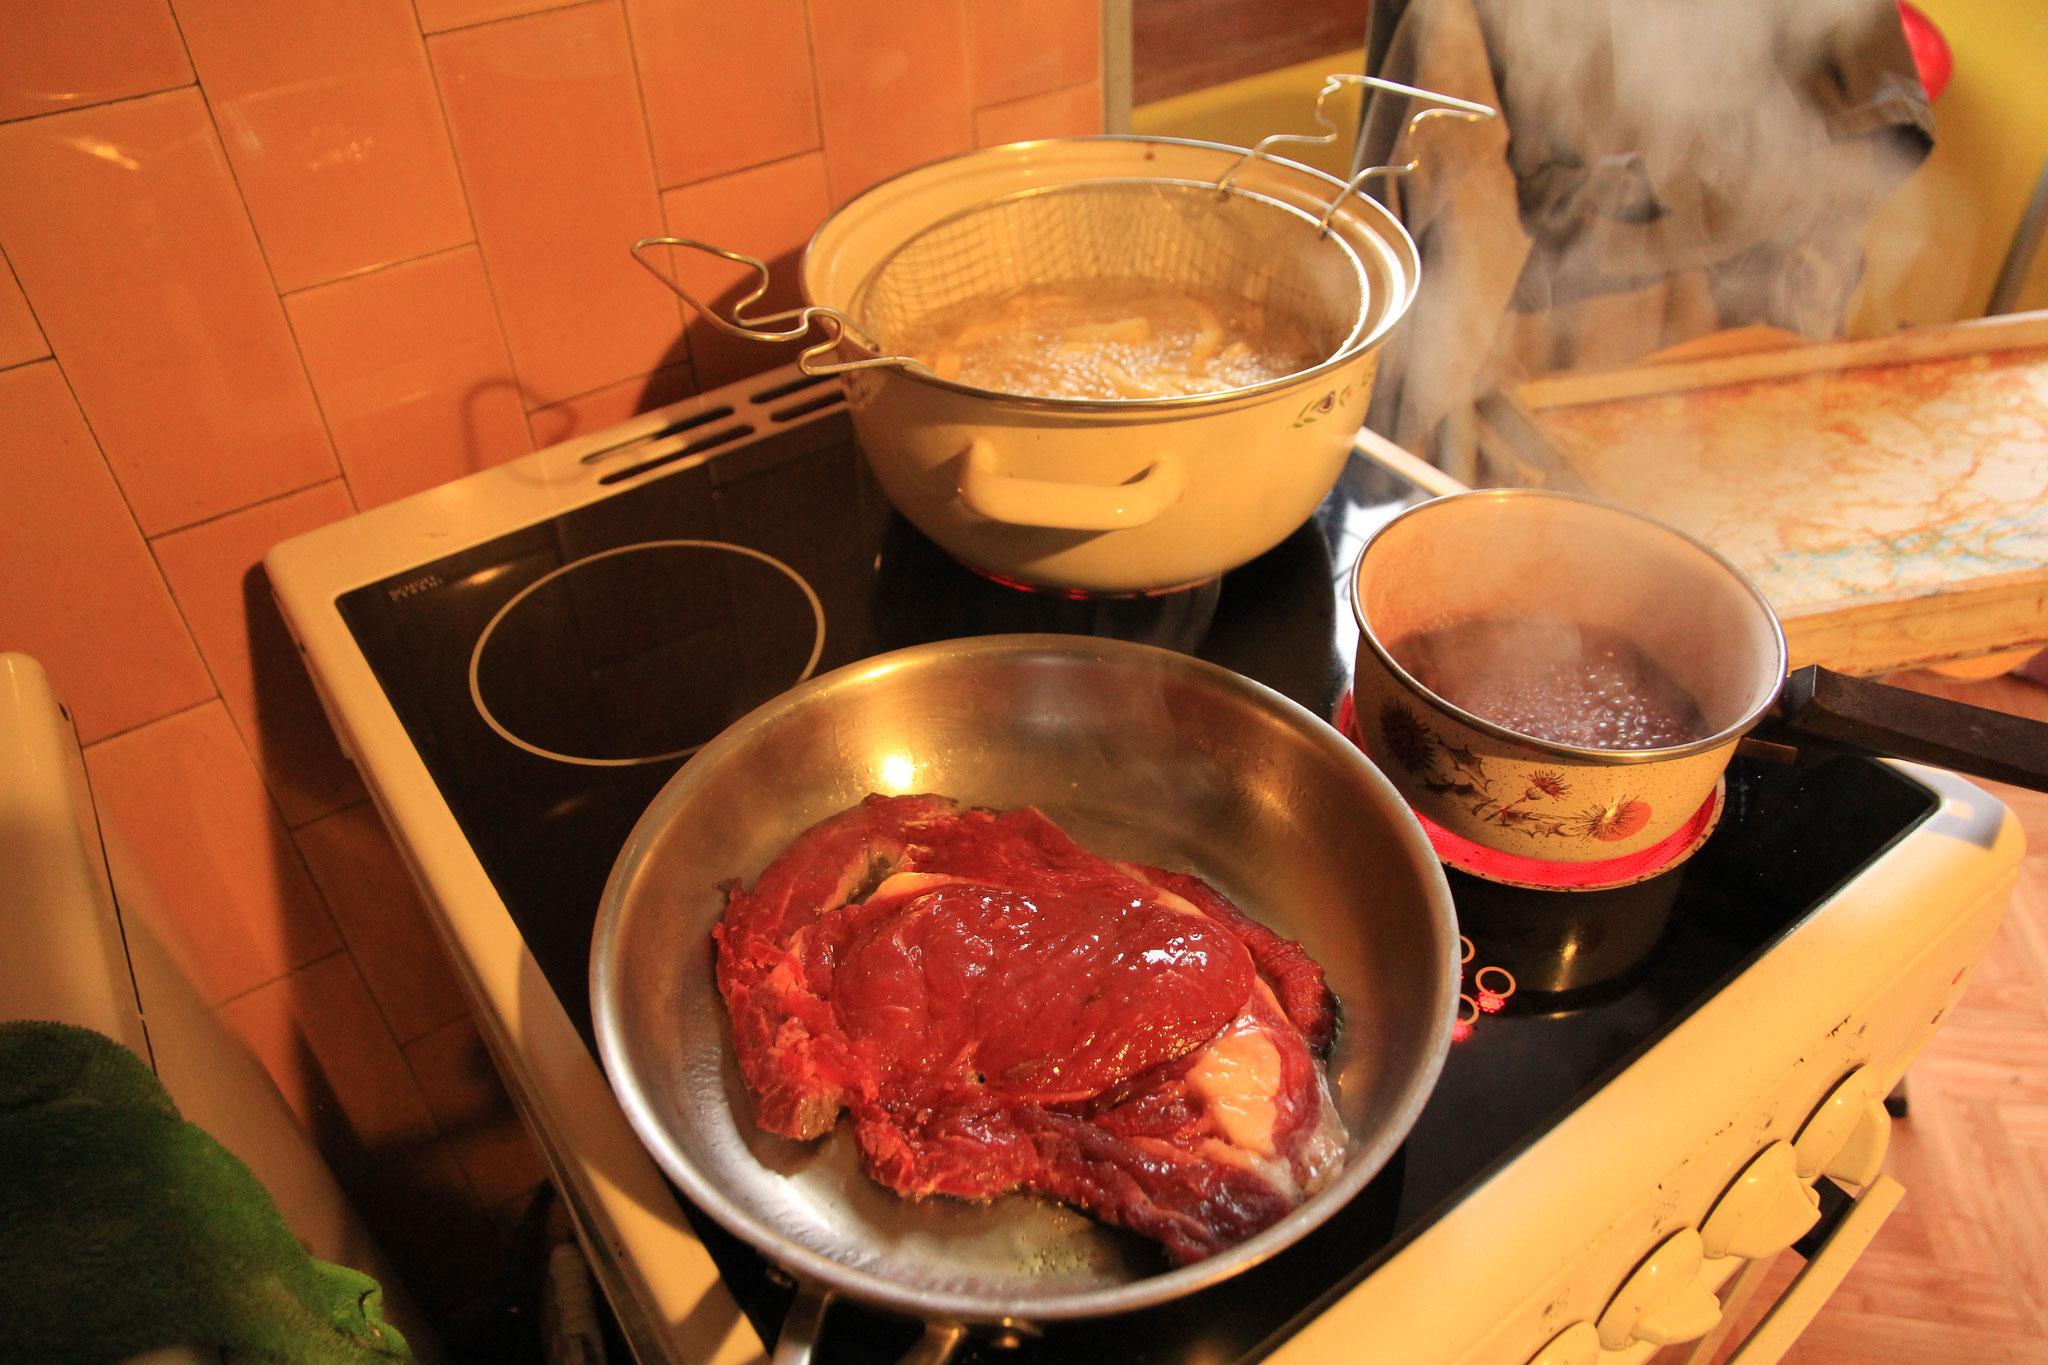 préparation entrecôte sauce échalote frites